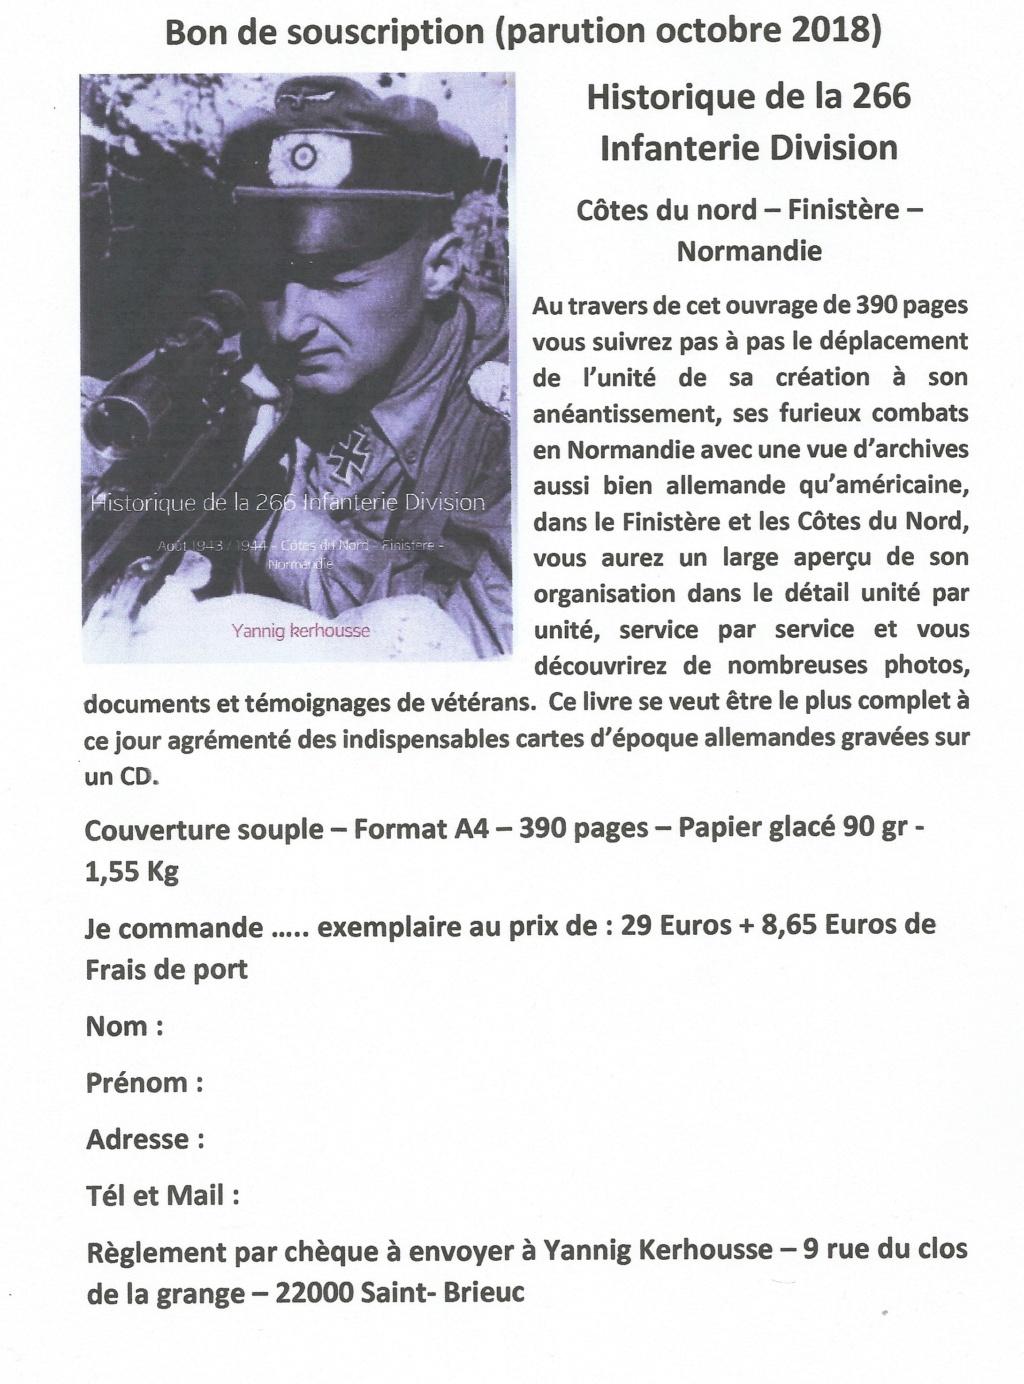 266 Infanterie Division Bon_de13